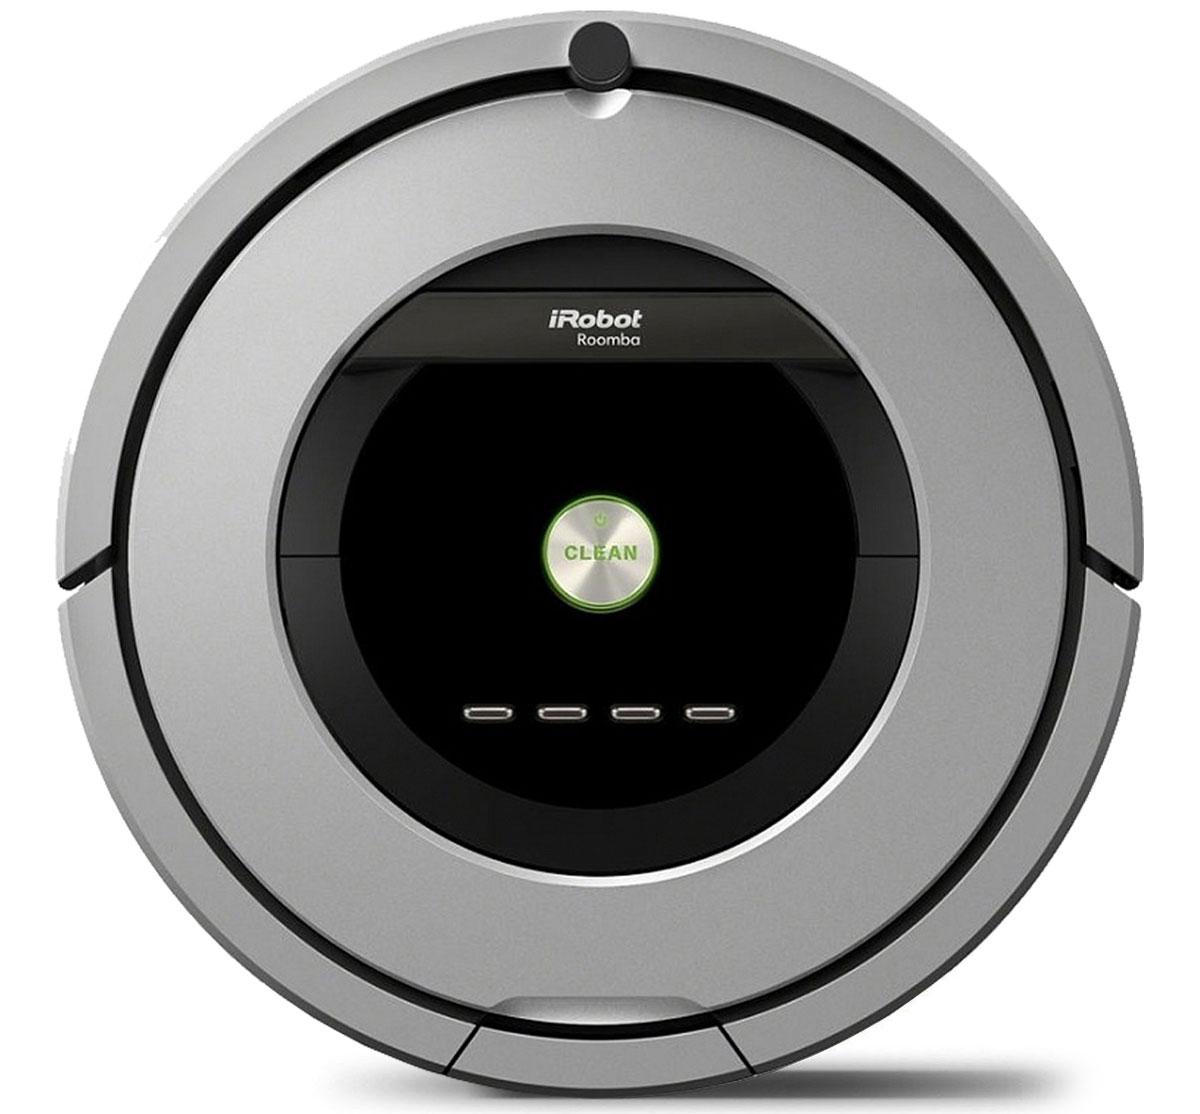 iRobot Roomba 886 робот-пылесосRoomba 886Roomba 886 - это 8 поколение роботов-пылесосов компании iRobot, в котором реализована передовая система сбора мусора и грязи AeroForceTM.Это означает, что робот убирается еще тщательнее, а обслуживание чистящего модуля стало совсем легким. Roomba 886 комплектуется аккумулятором повышенной емкости с увеличенным вдвое ресурсом. Контейнер мусоросборника оснащен HEPA-фильтром.Когда вы впервые смотрите на Roomba серии 800, скользящий по вашему дому и оставляющий за собой только идеально чистые, сияющие свежестью полы, вы можете удивиться, как ему удается достигать таких потрясающих результатов. Вот, что на самом деле происходит внутри его стильного глянцевого корпуса.Система AeroForce лежит в основе Roomba серии 800, обеспечивая эффективность, которой нет равных в мире. Эта система сочетает три революционных технологии, которые позволяют достичь максимального уровня чистоты, одновременно снижая потребность в обслуживании робота-пылесоса.1. Система резиновых валиков со скребками и защитой от спутывания AeroForce Extractors. Бесщеточные резиновые валики, вращающиеся навстречу друг другу, собирают мусор и пыль. Они просты в обслуживании.2. Усилитель воздушного потока. Увеличенная в несколько раз сила всасывания - результат усиления воздушного потока между мусоросборником AeroForce Extractors и изолированным каналом.3. Высокоэффективный пылесос.Разработанный специально для того, чтобы обеспечивать максимальную силу всасывания и оптимальную эффективность уборки в сочетании с новым аккумулятором iRobot XLife.